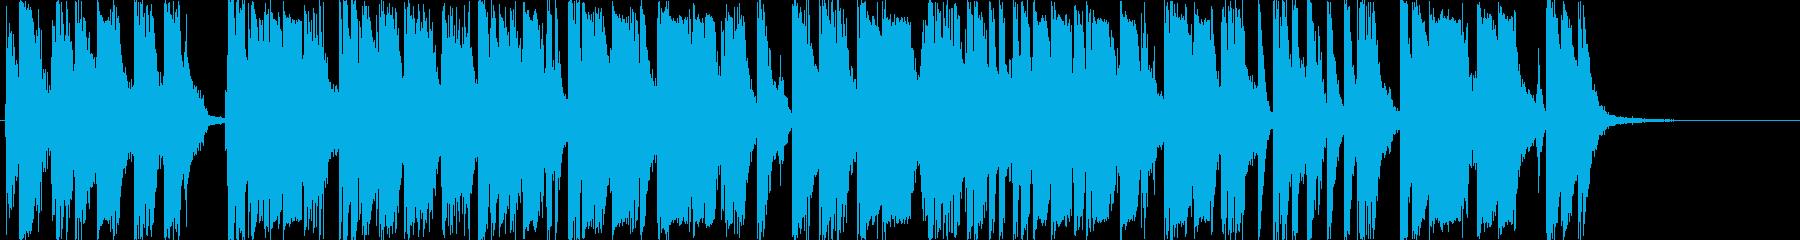 爆竹/銃撃戦「パンパンパパン」20秒の再生済みの波形